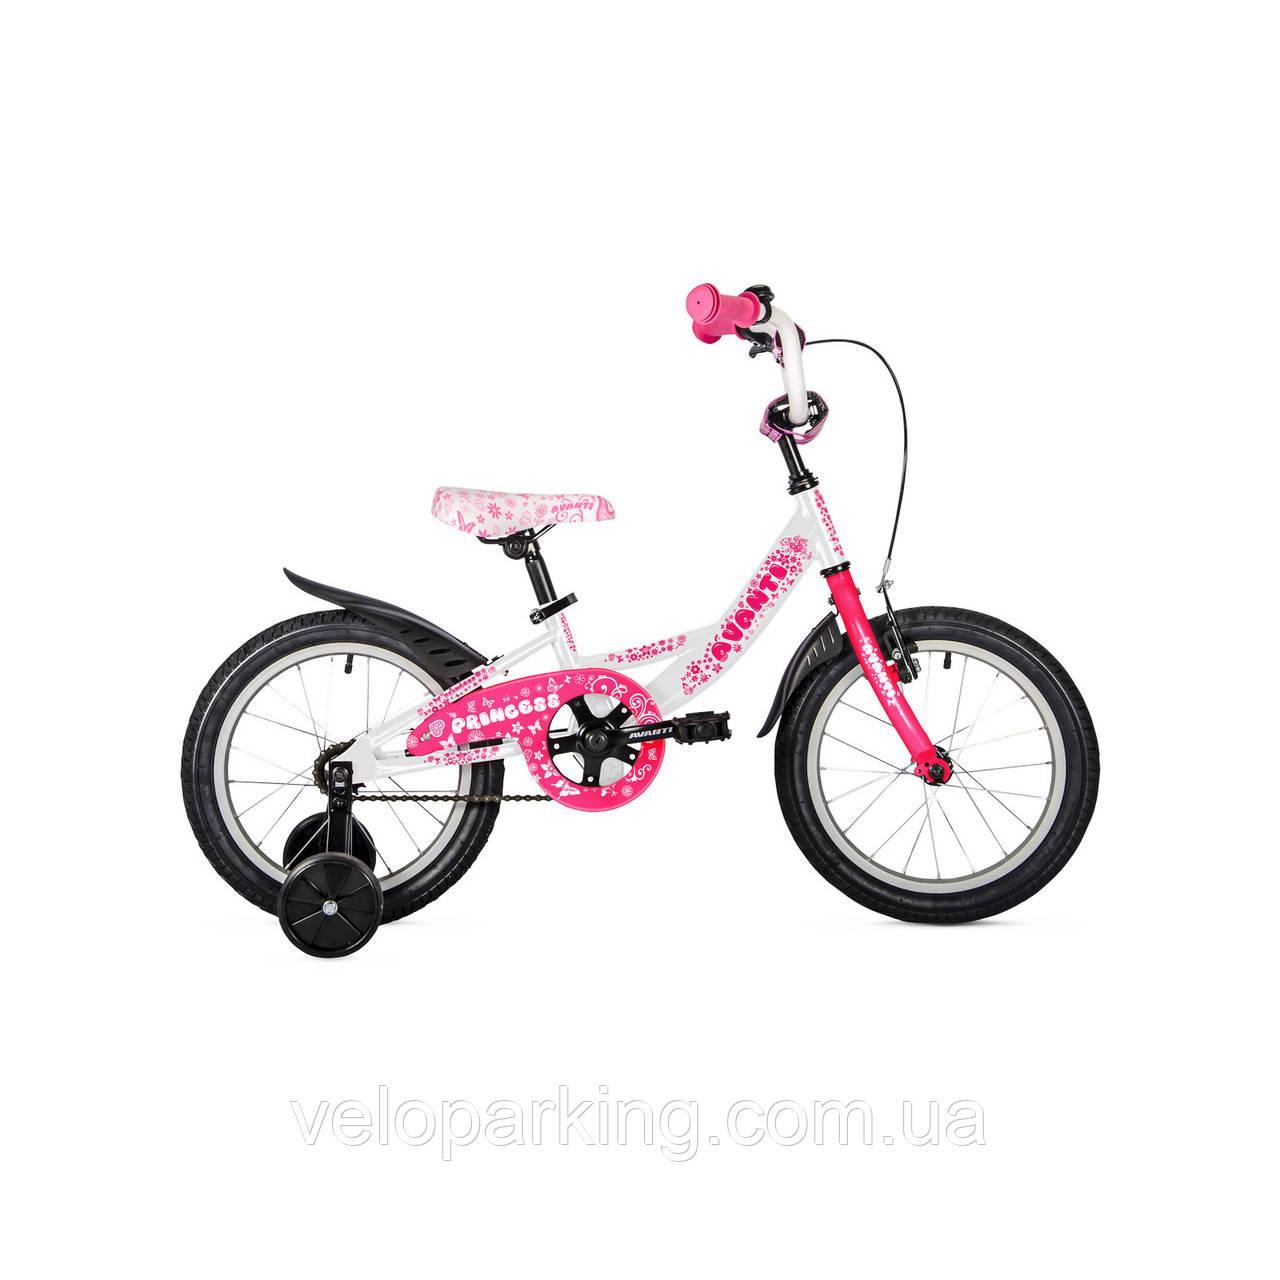 Детский двухколесный велосипед Avanti Princess 16 new (2018)